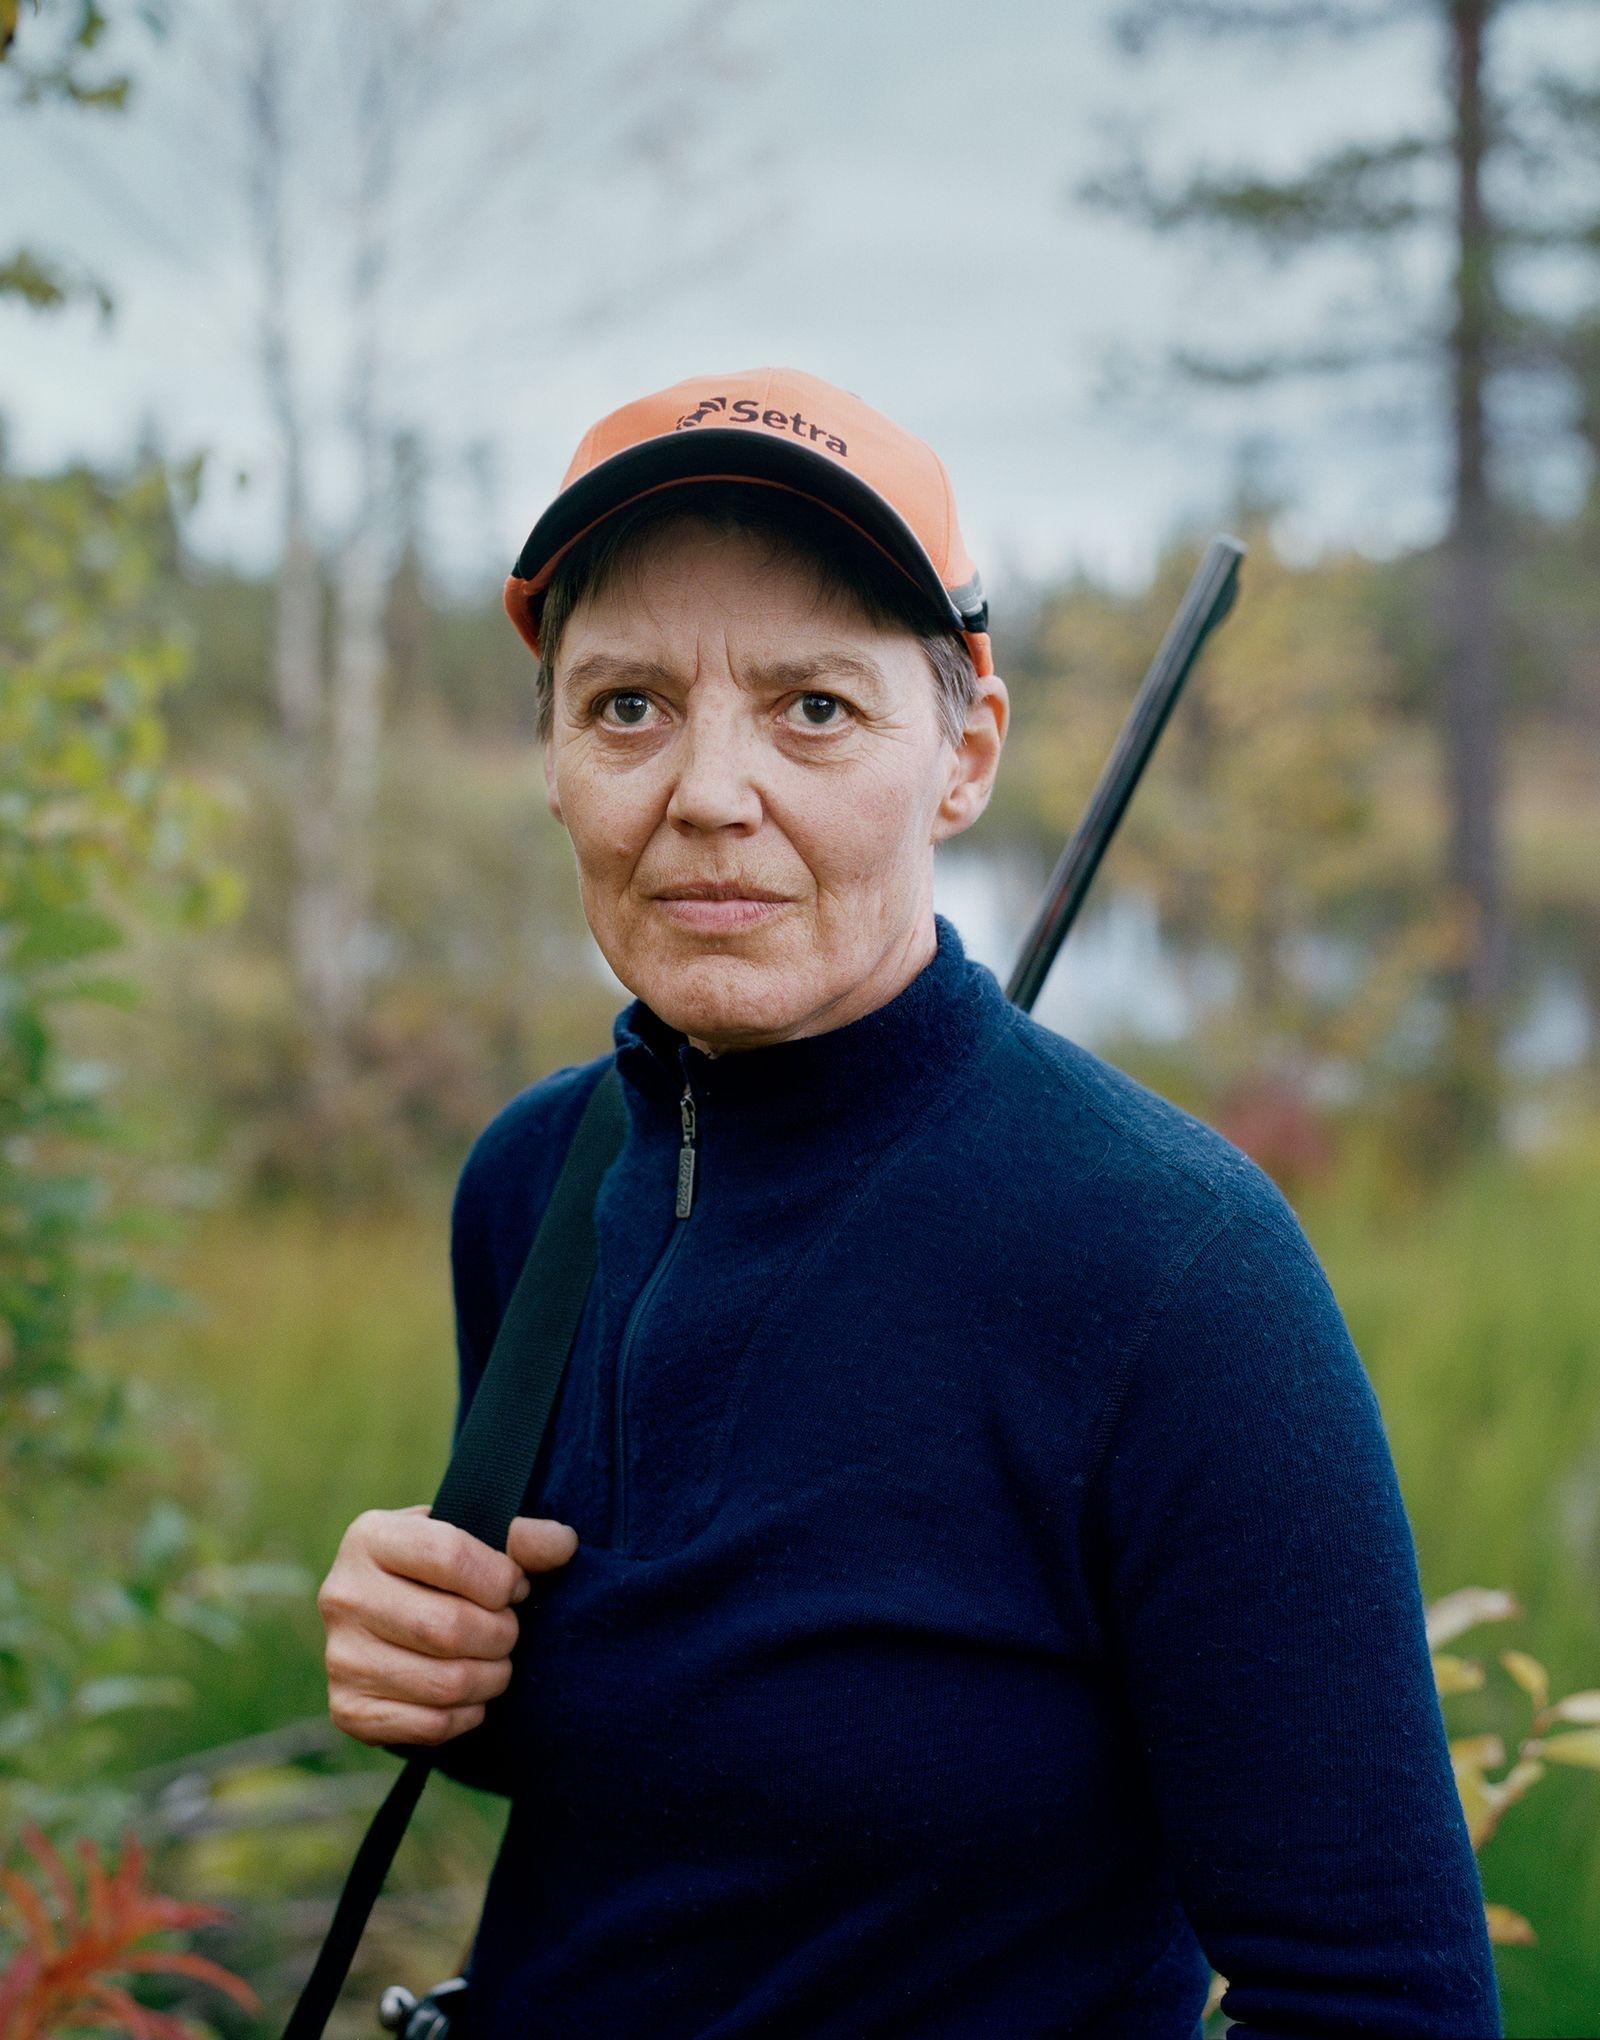 Eva, Rabnaträsket, 2016. Tagen från serien Predators (2018), om kvinnliga jägare i Sorsele.